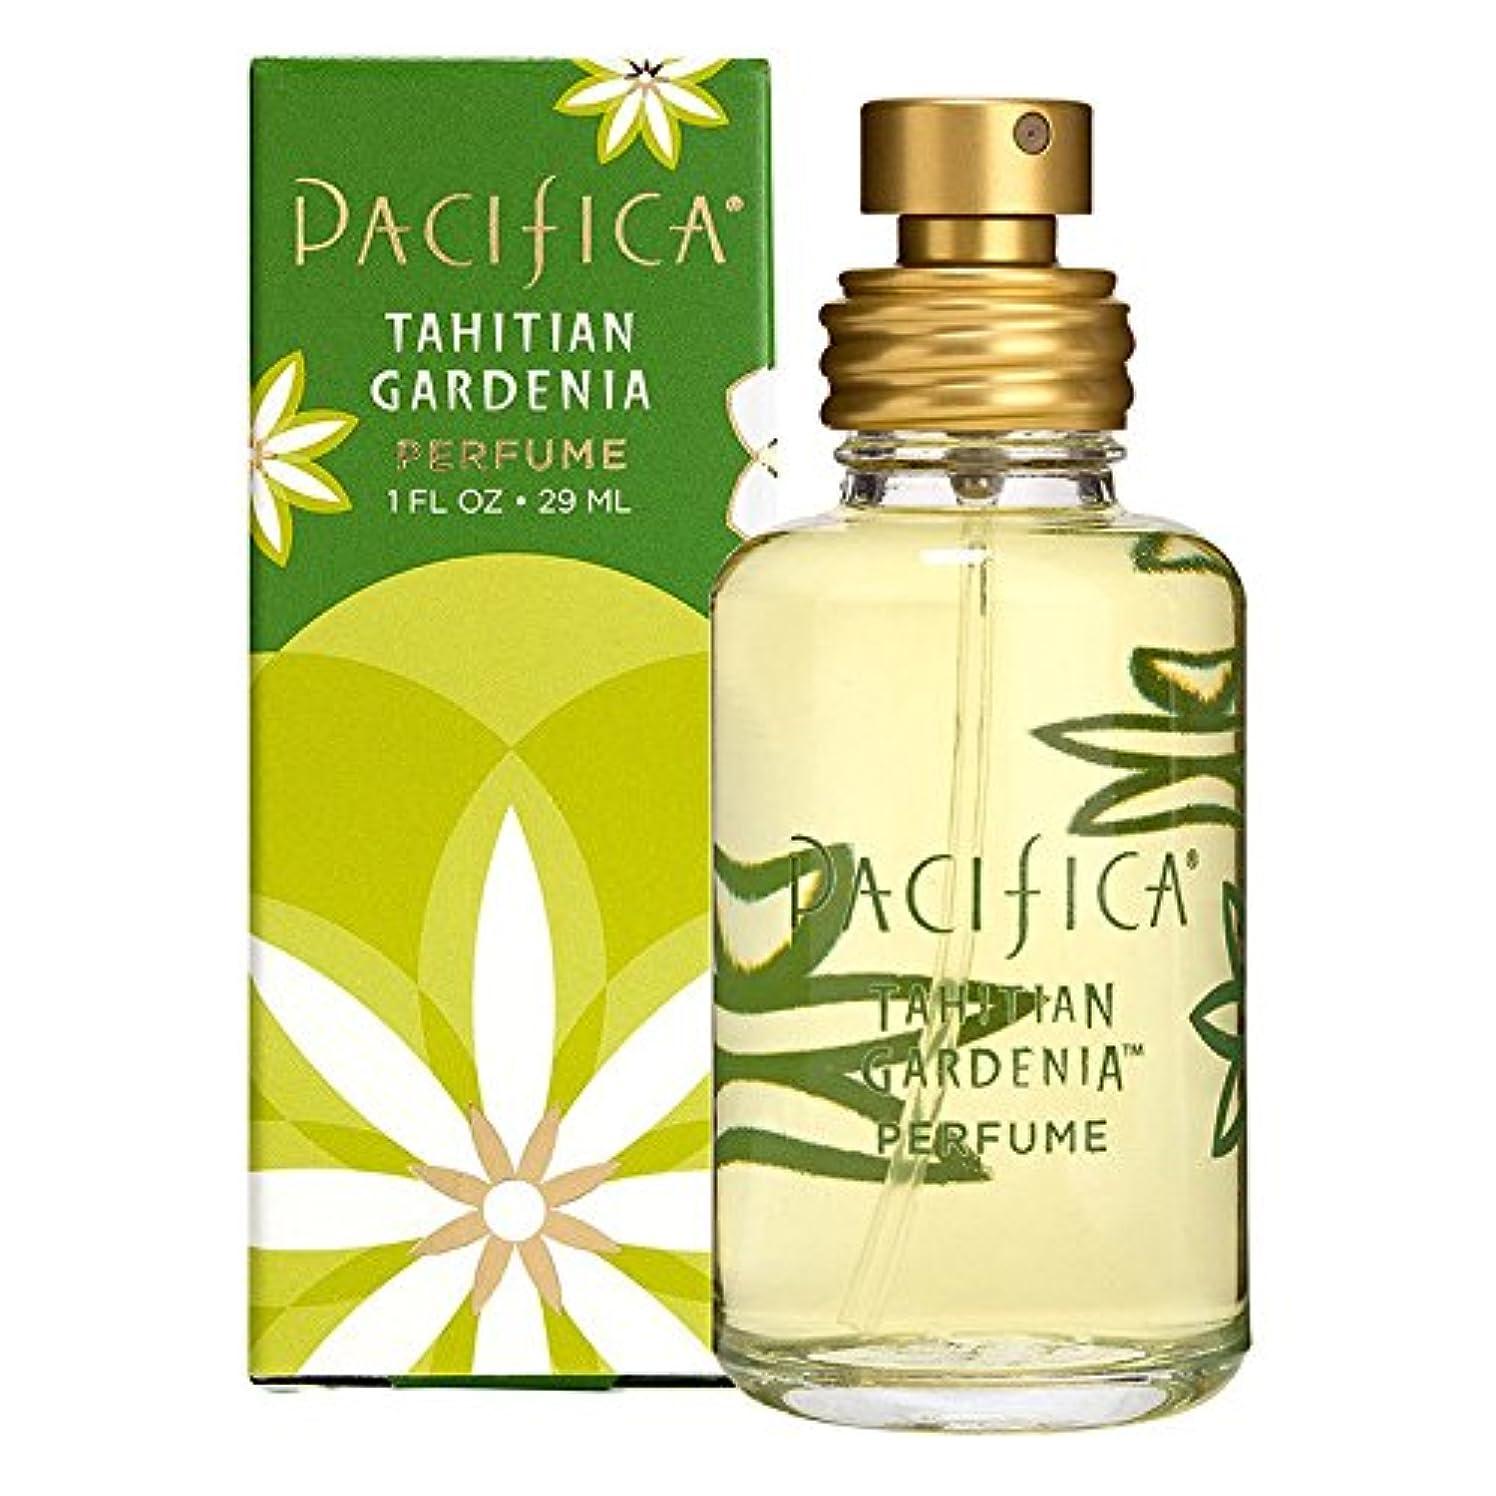 緩める打倒マーキー海外直送品 Pacifica Perfume Tahitian Gardenia - 1 fl oz パシフィカパフュームタヒチアンガーディニア (29ml)